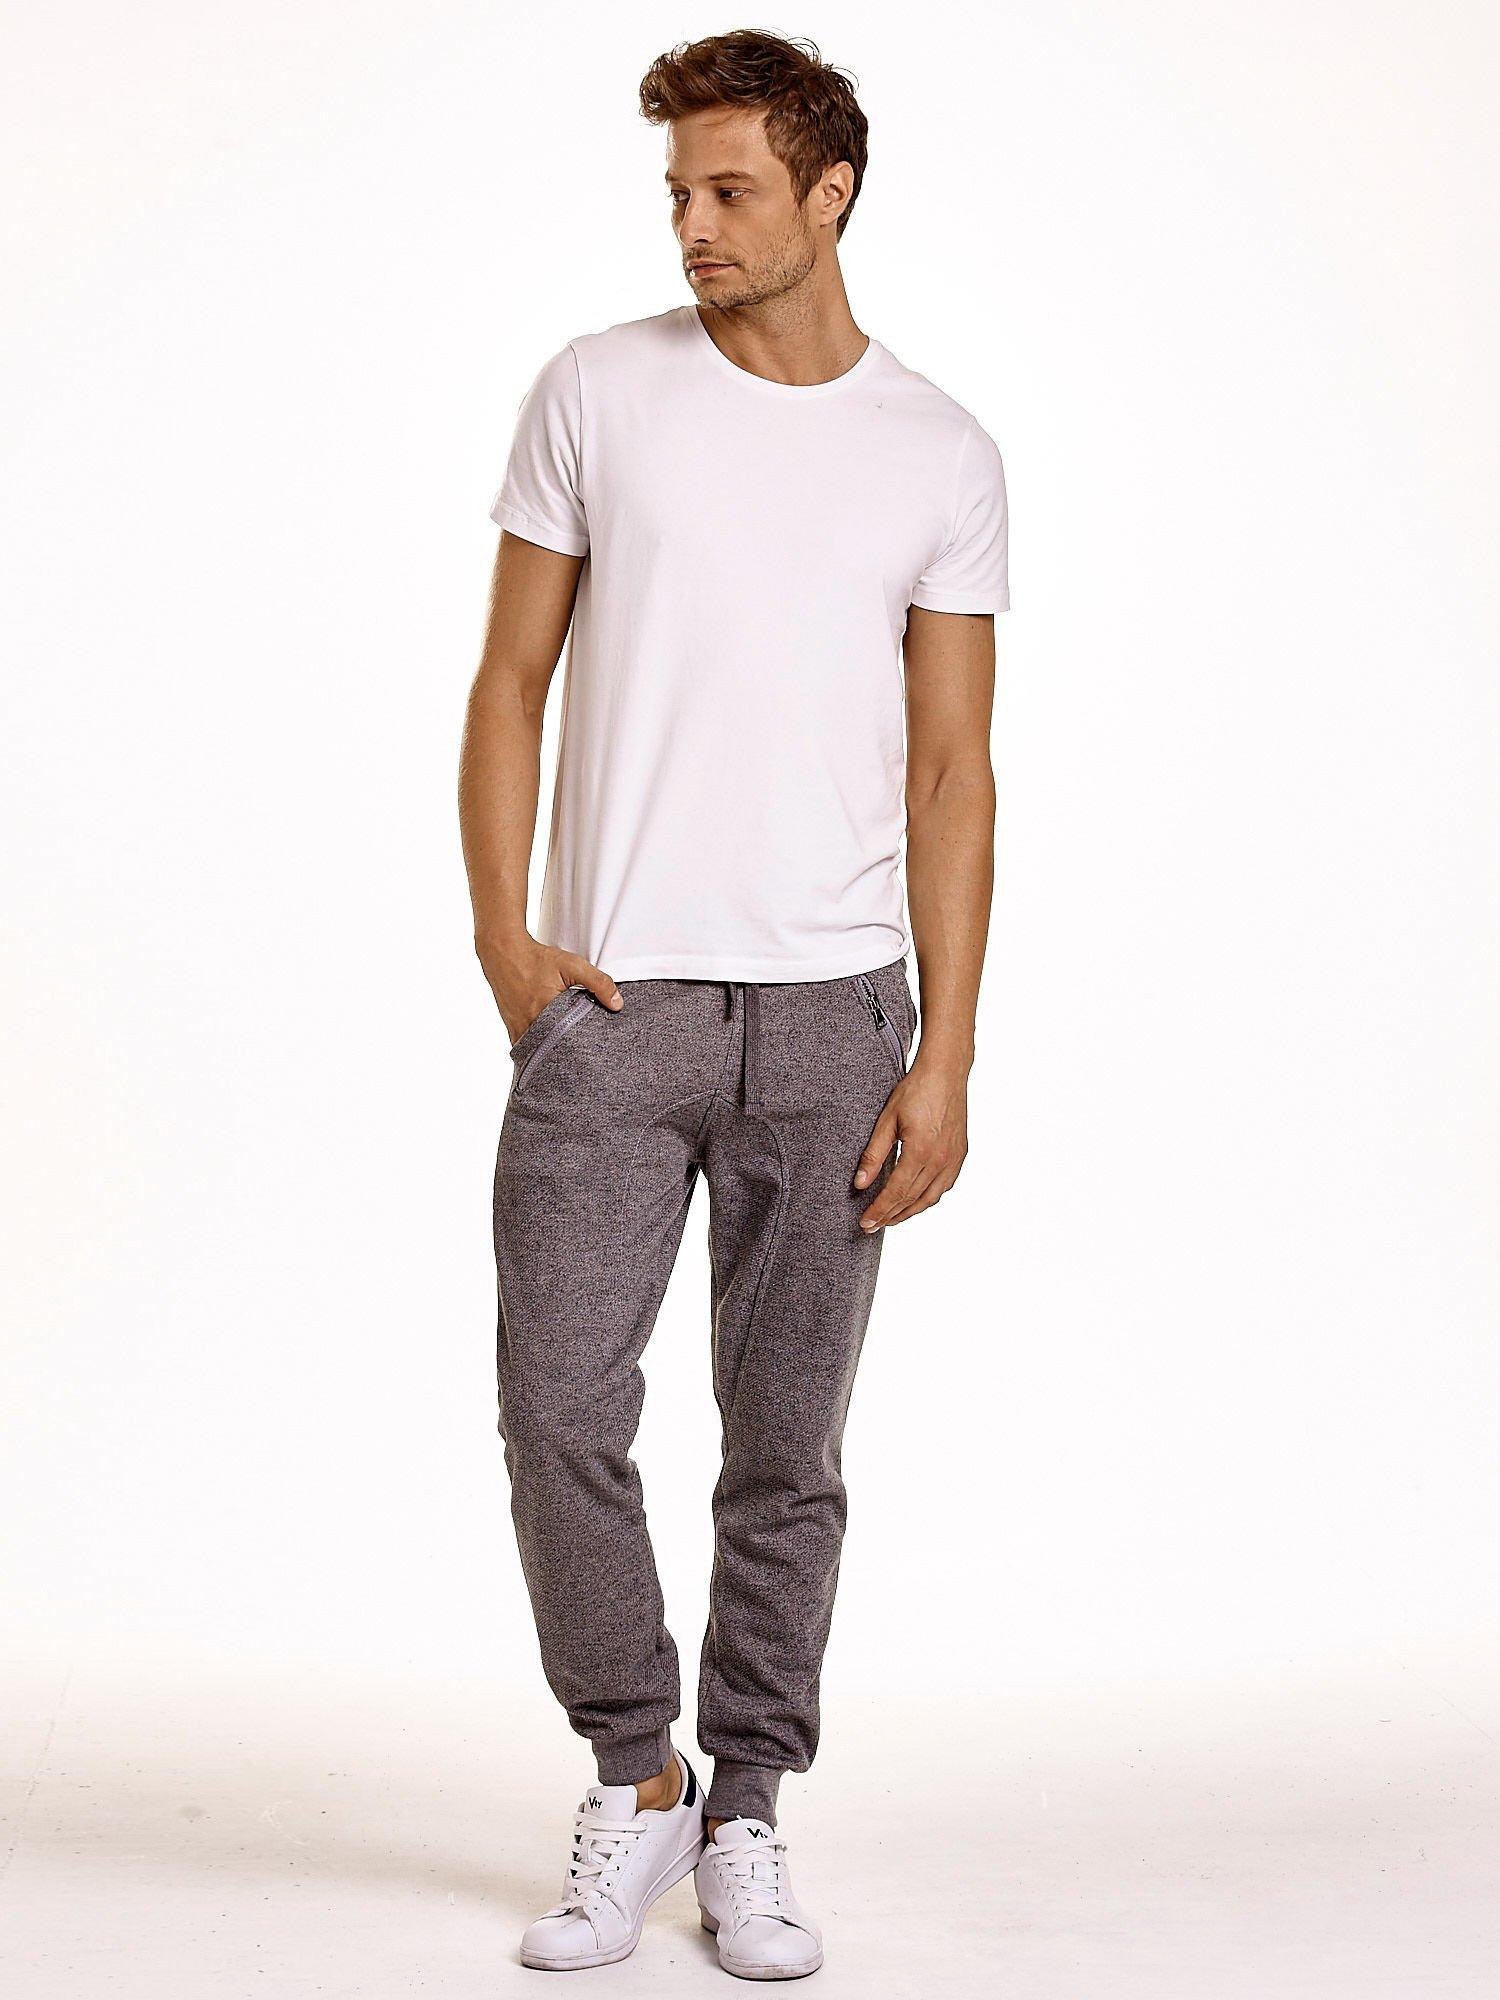 Szare melanżowe spodnie męskie z zasuwanymi kieszeniami                                  zdj.                                  3